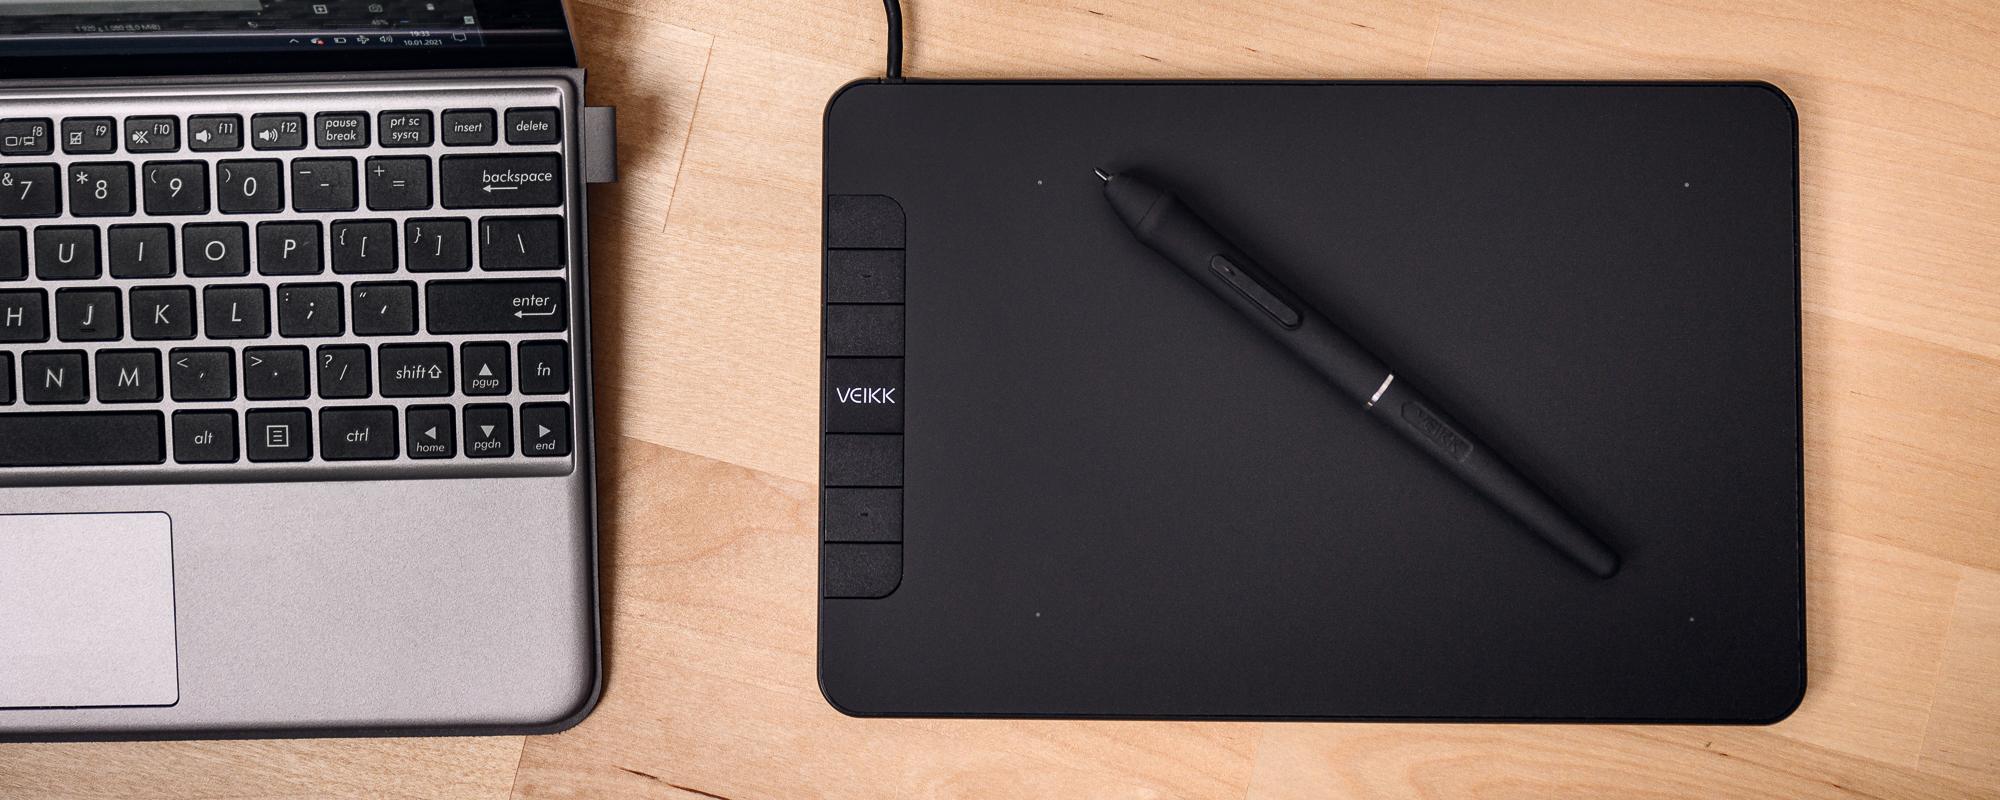 Zdjęcie - tablet Veikk VK640 położony na jasnobrązowym blacie biurka obok laptopa